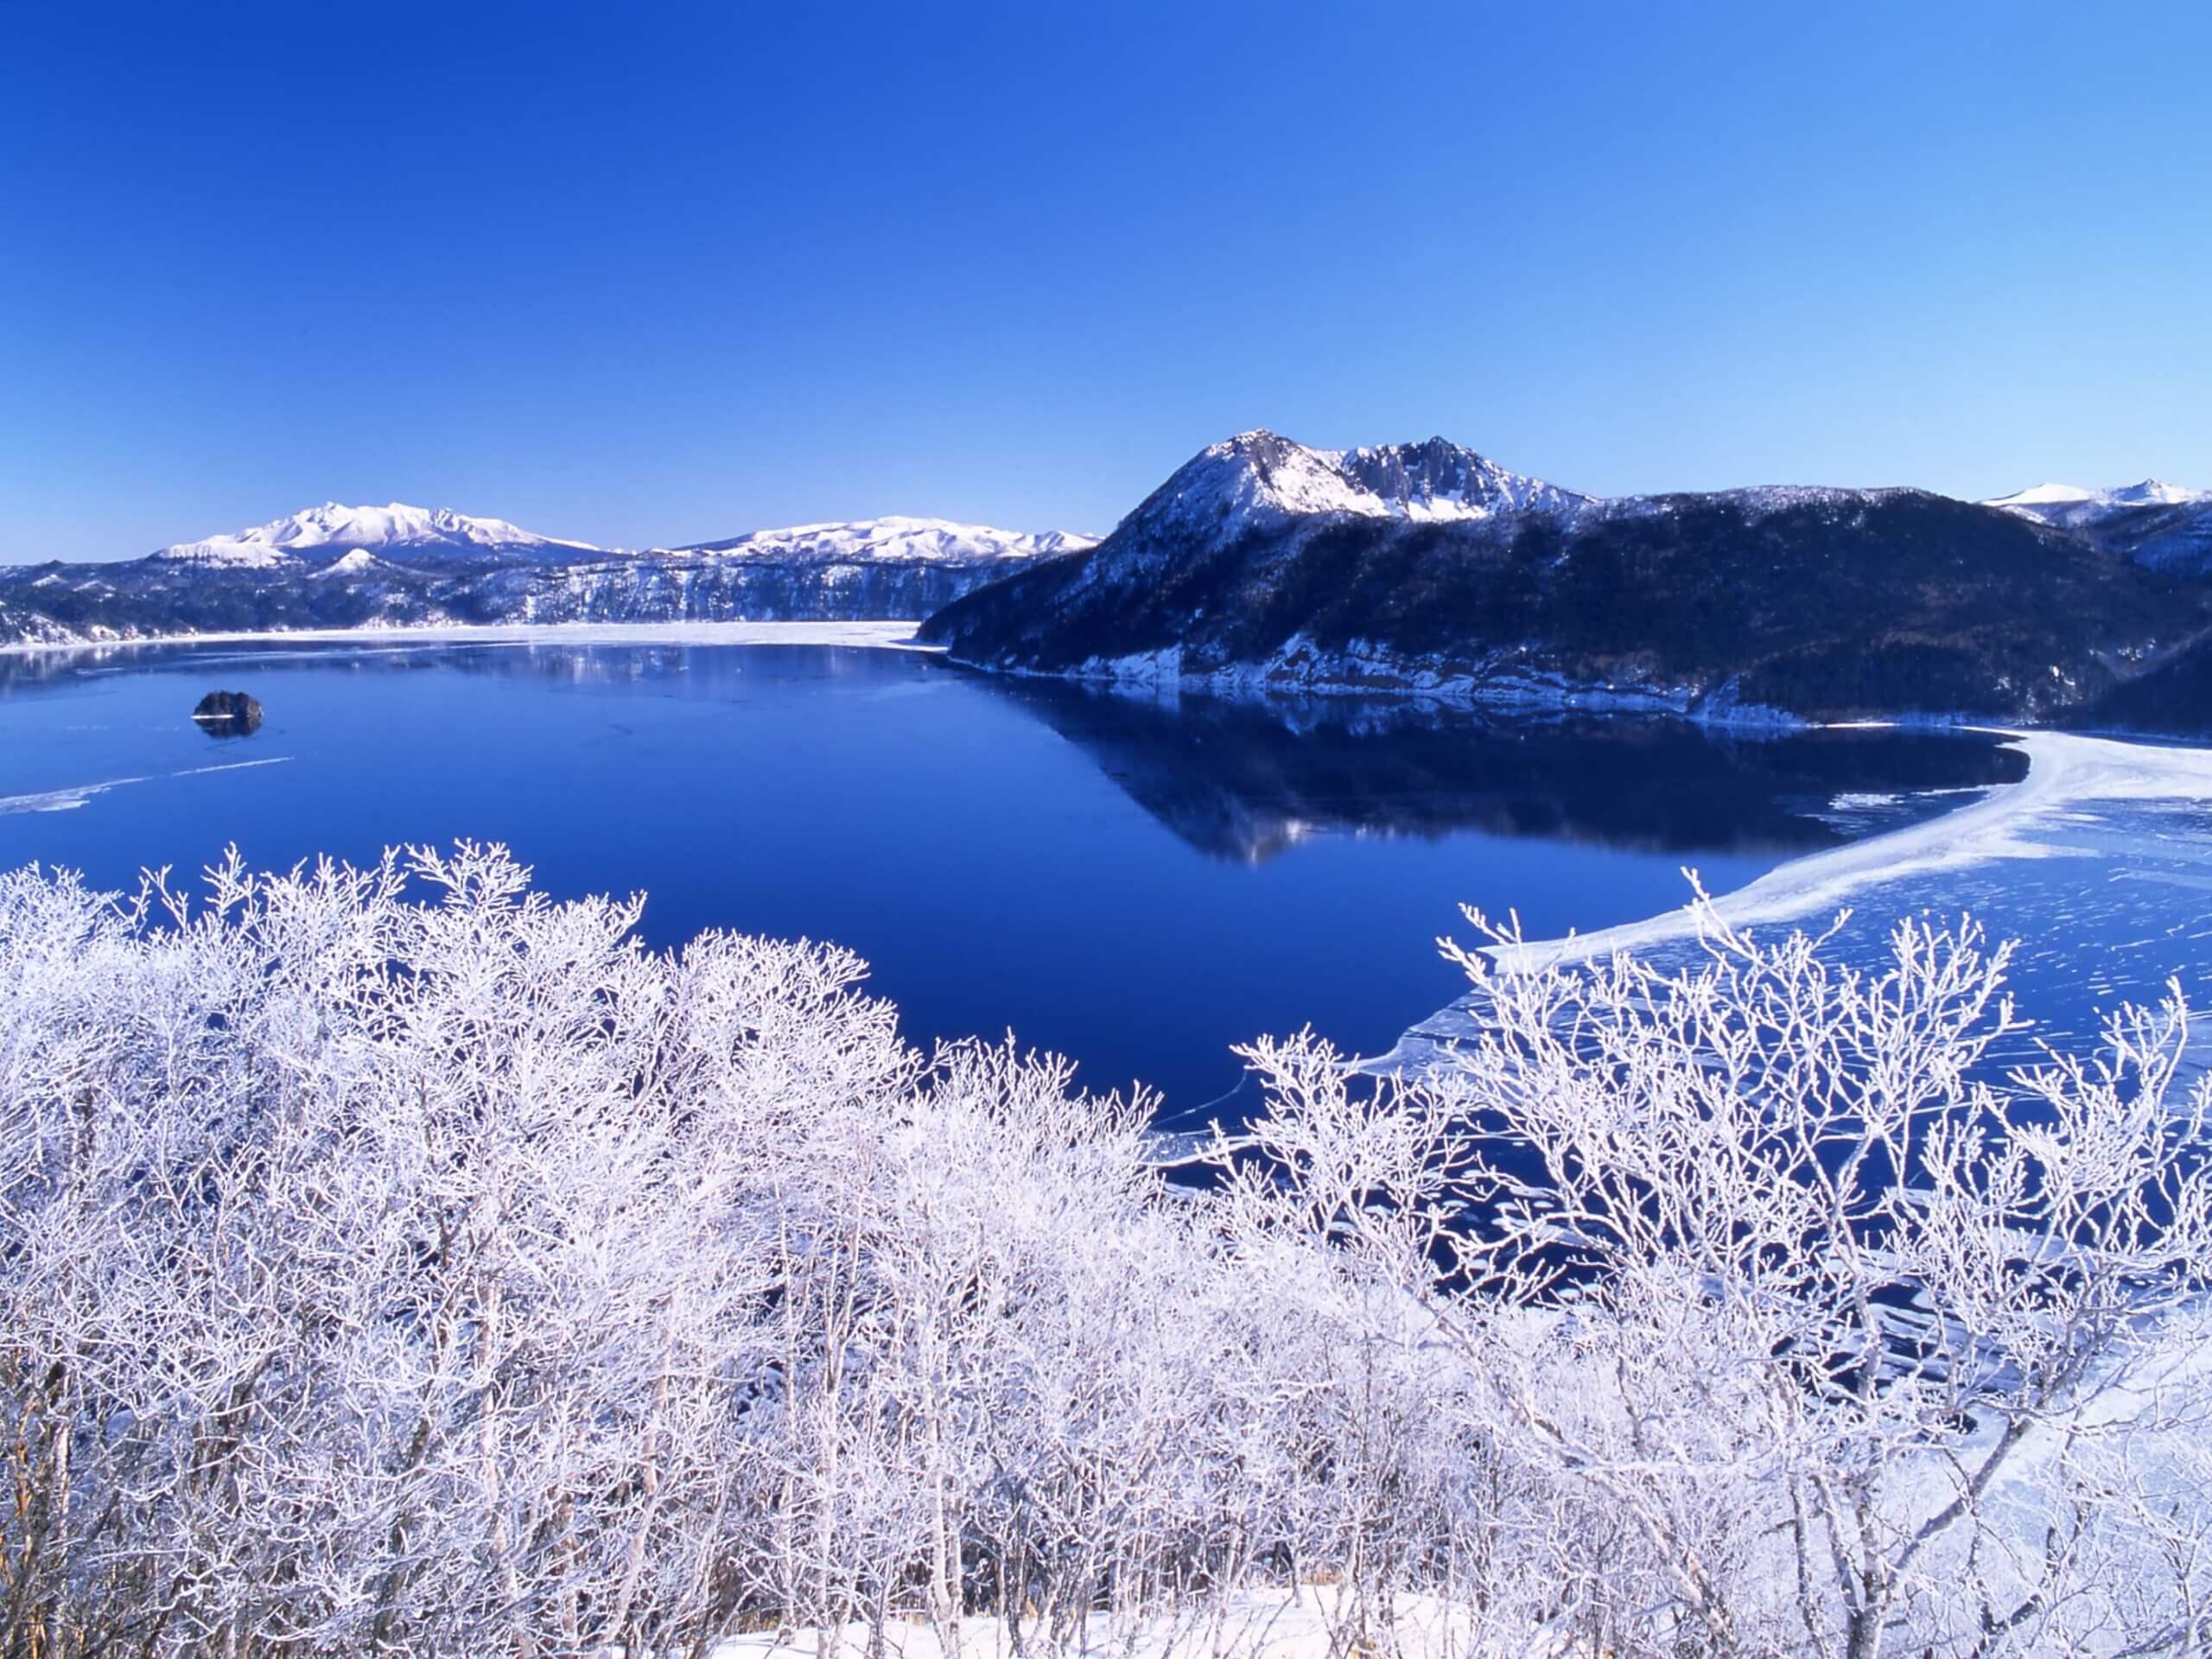 世界首屈一指的透明湖水神之湖「摩周湖」